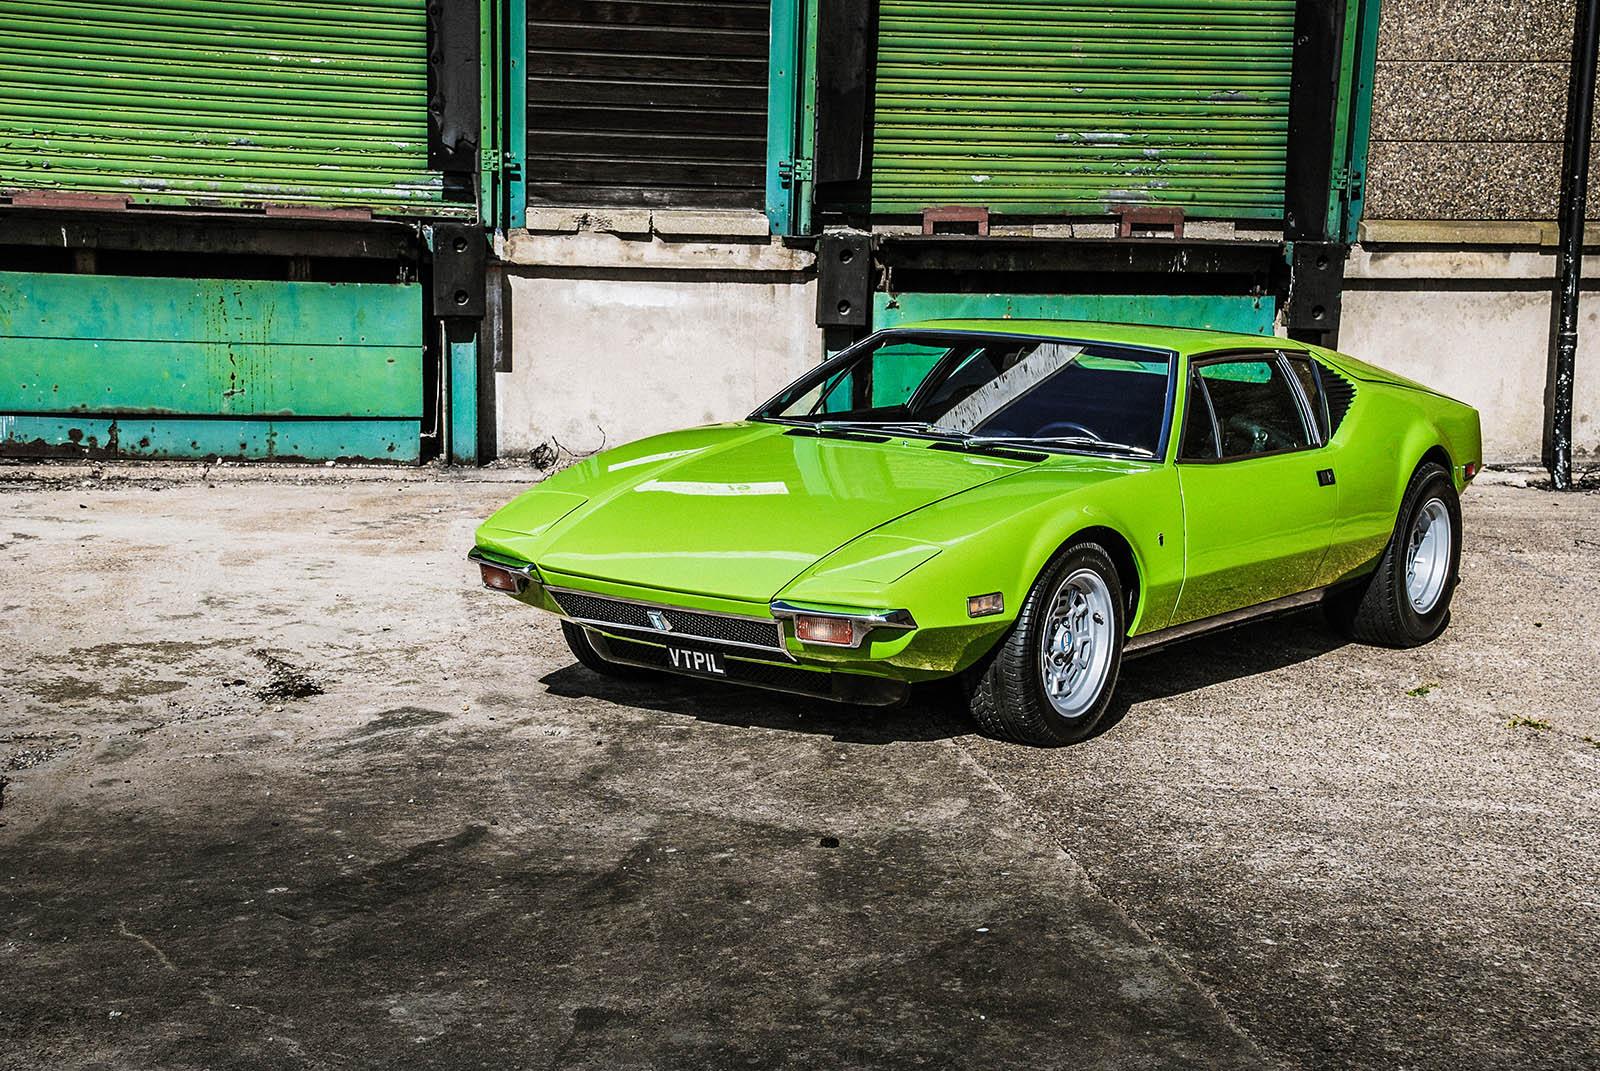 Green De Tomaso Pantera 7 web.jpg